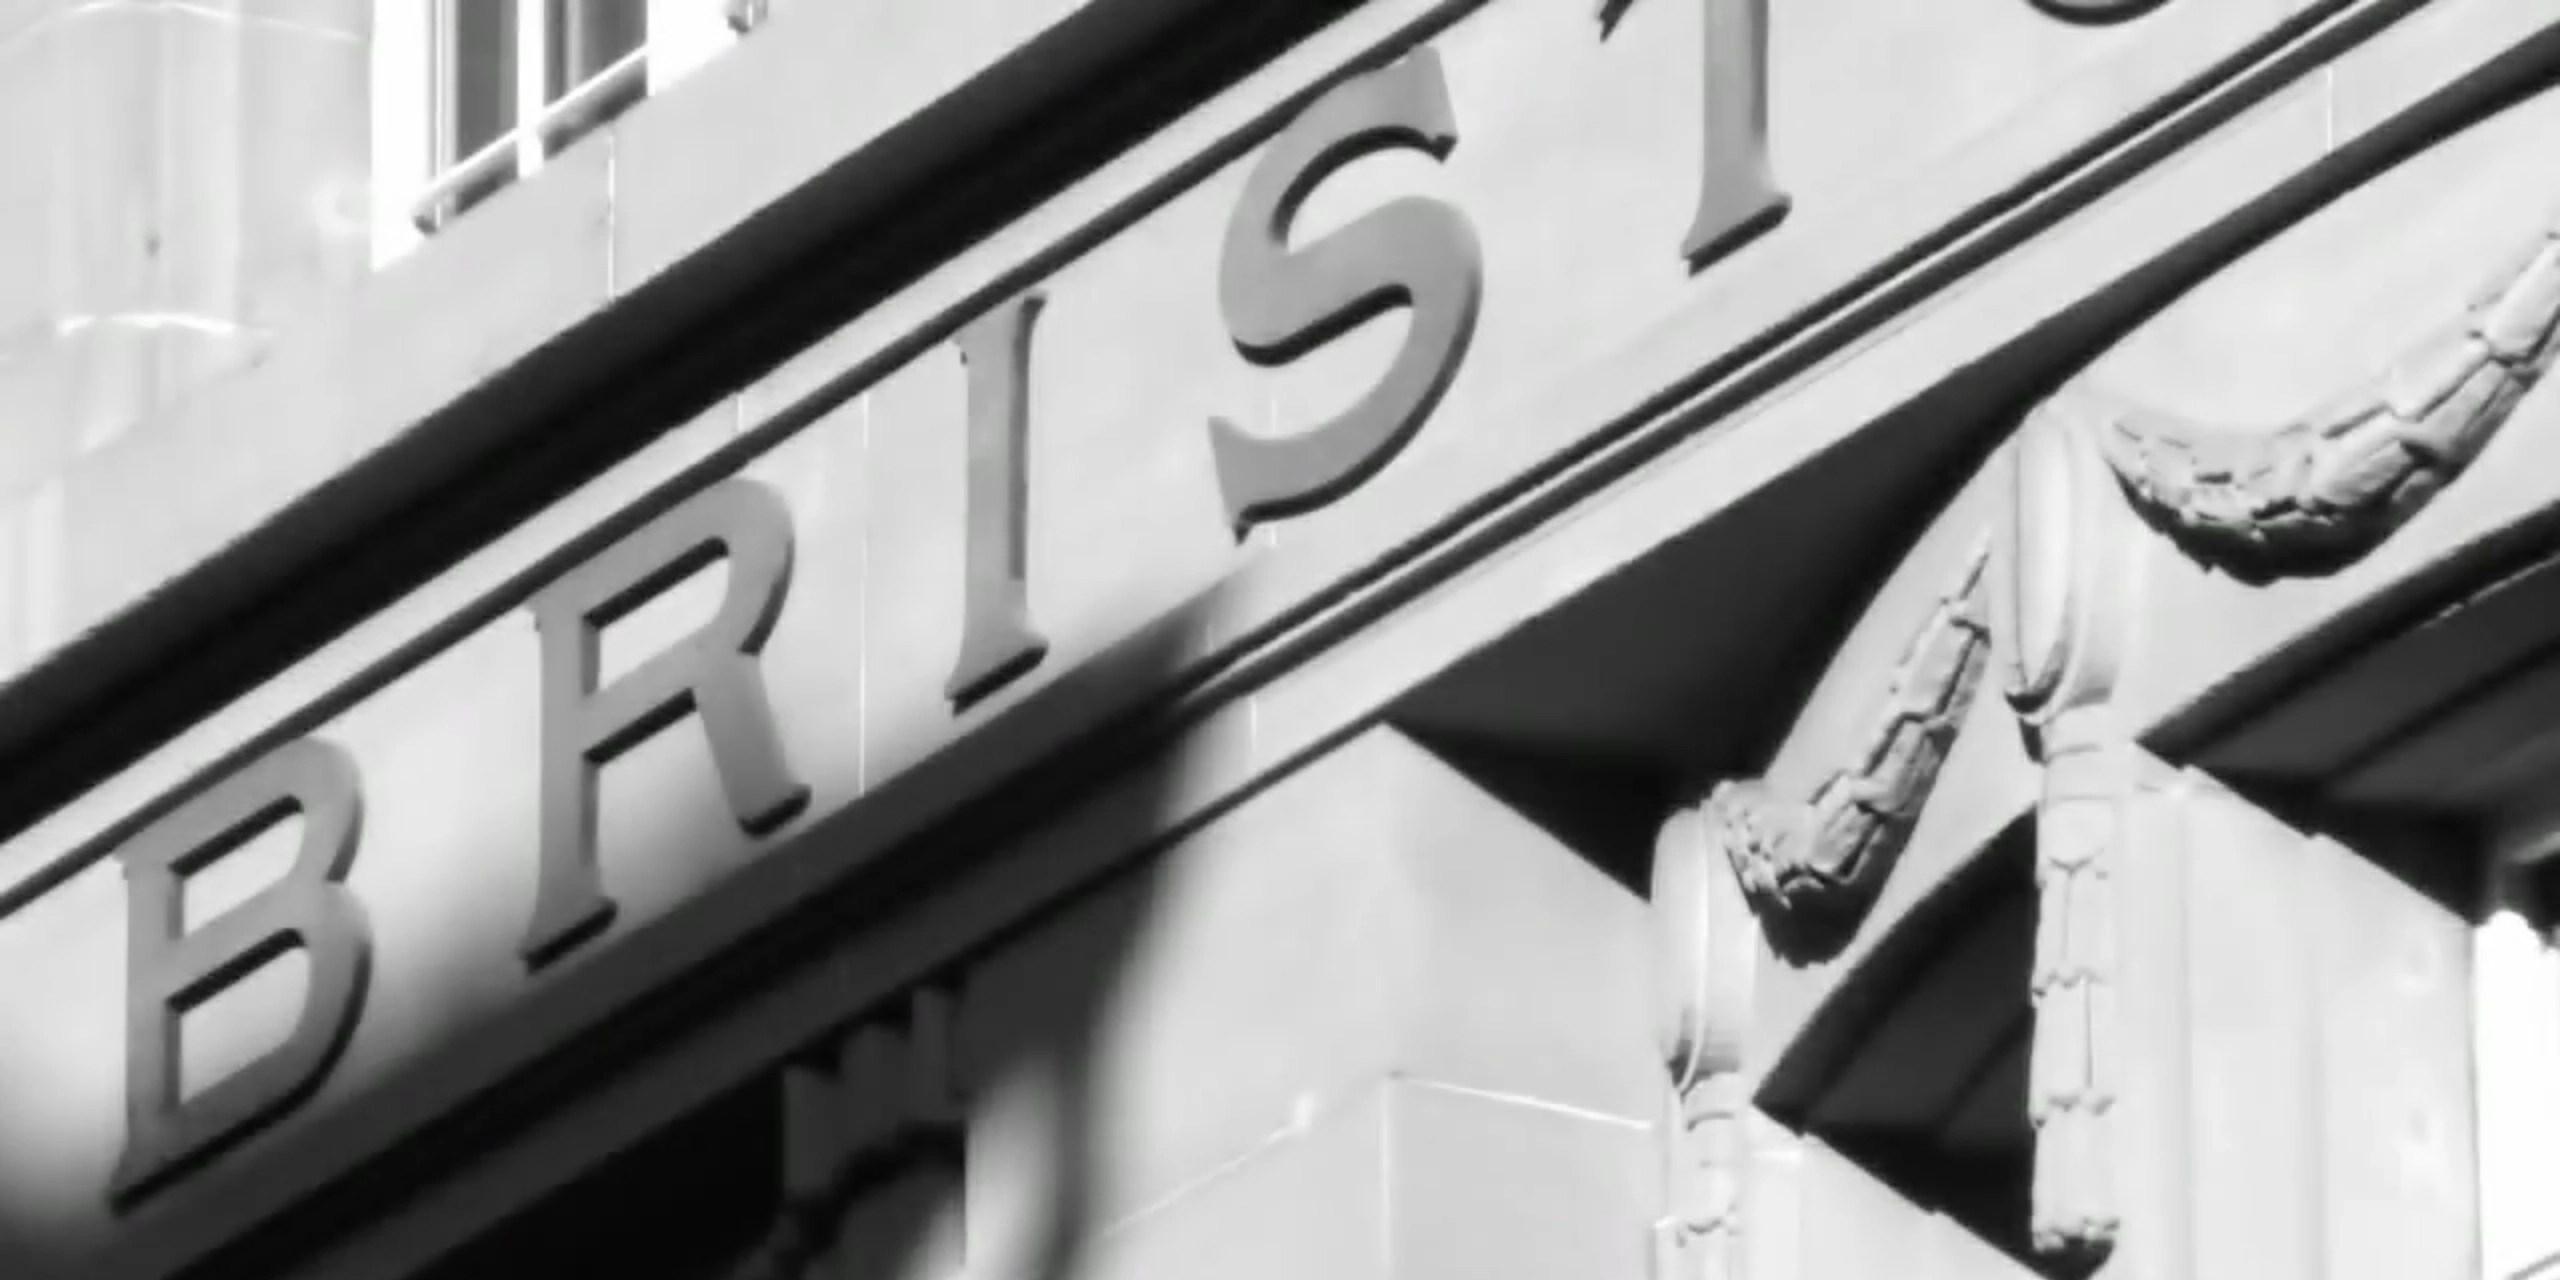 Film Business-Hotel Bristol für Hotel Bristol Bern by Werbeagentur Bern - Blitz & Donner